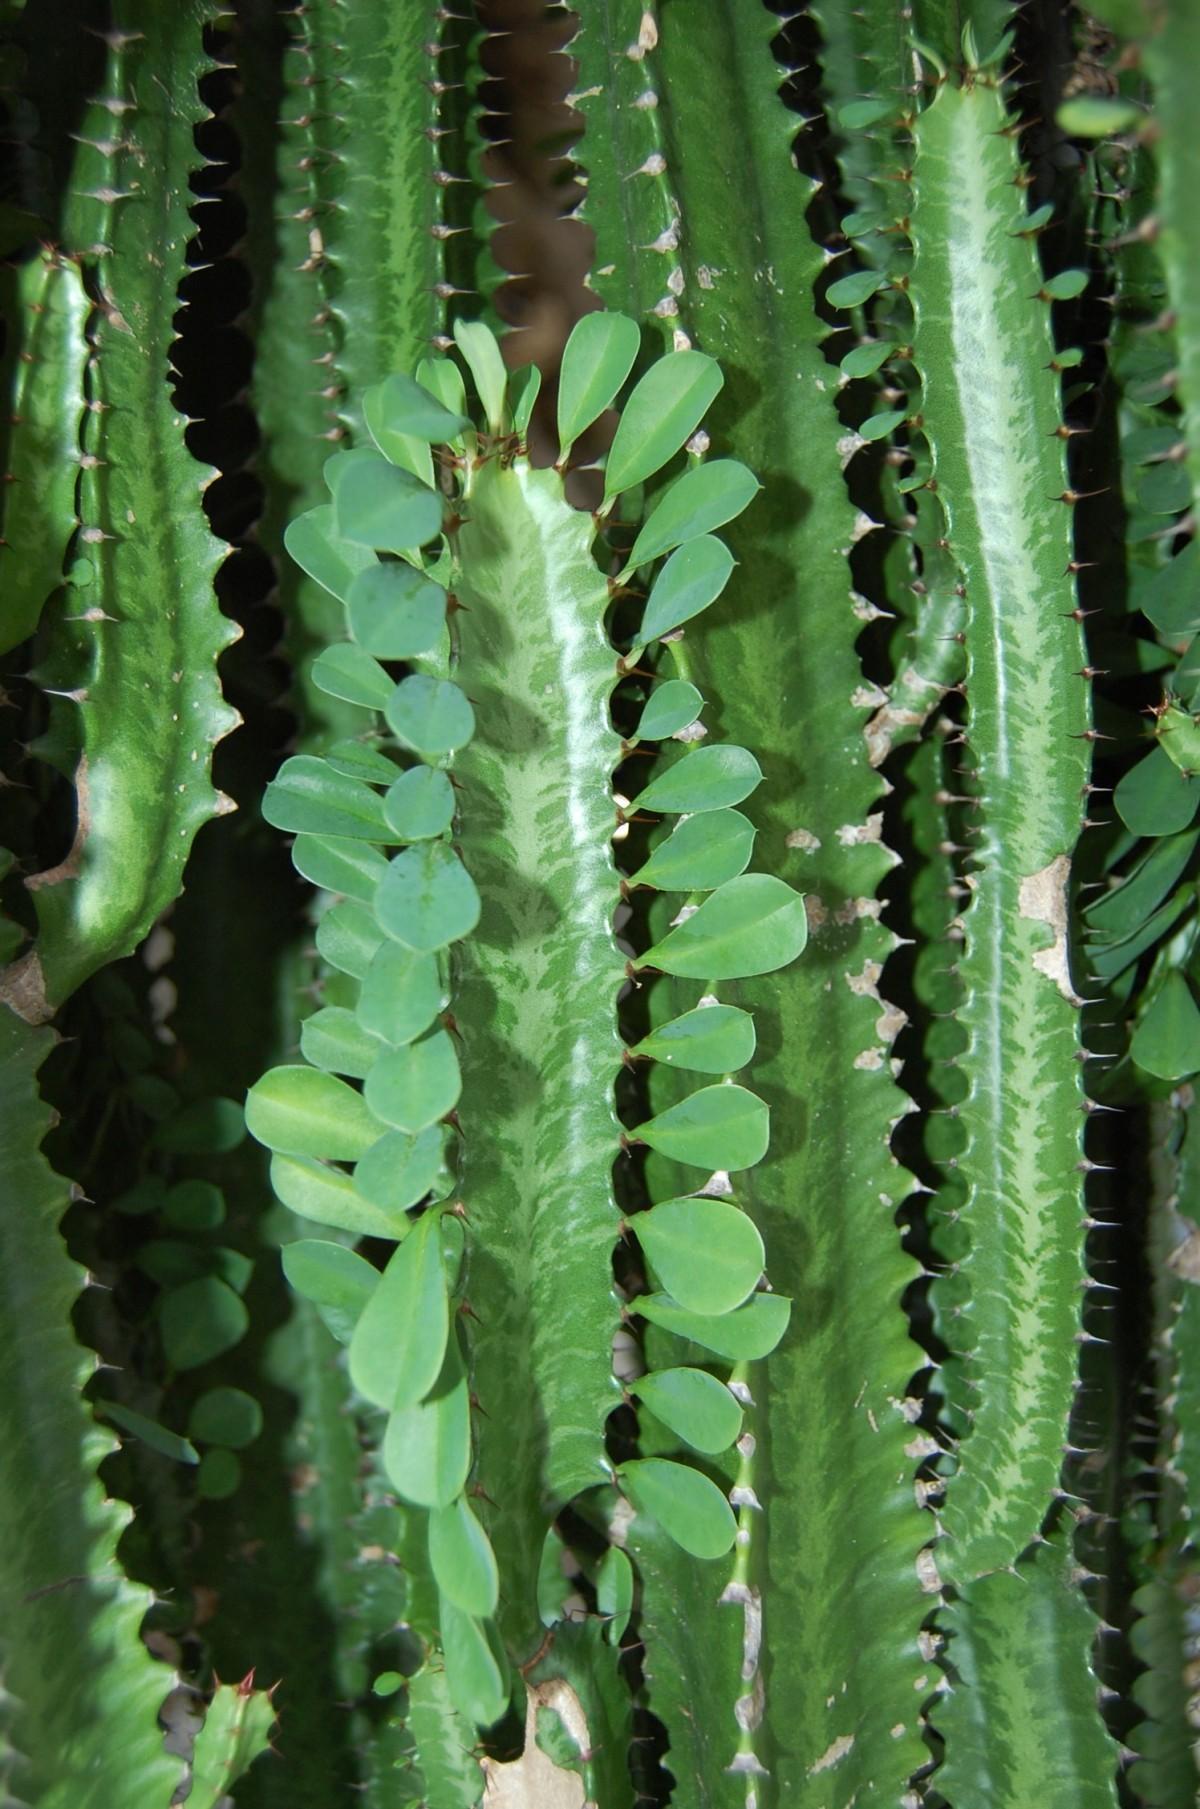 piikikäs kaktus kasvi kukka kasvitiede kasvit kaktukset kasvi varsi land kasvi siili kaktus acanthocereus tetragonus San Pedro kaktus